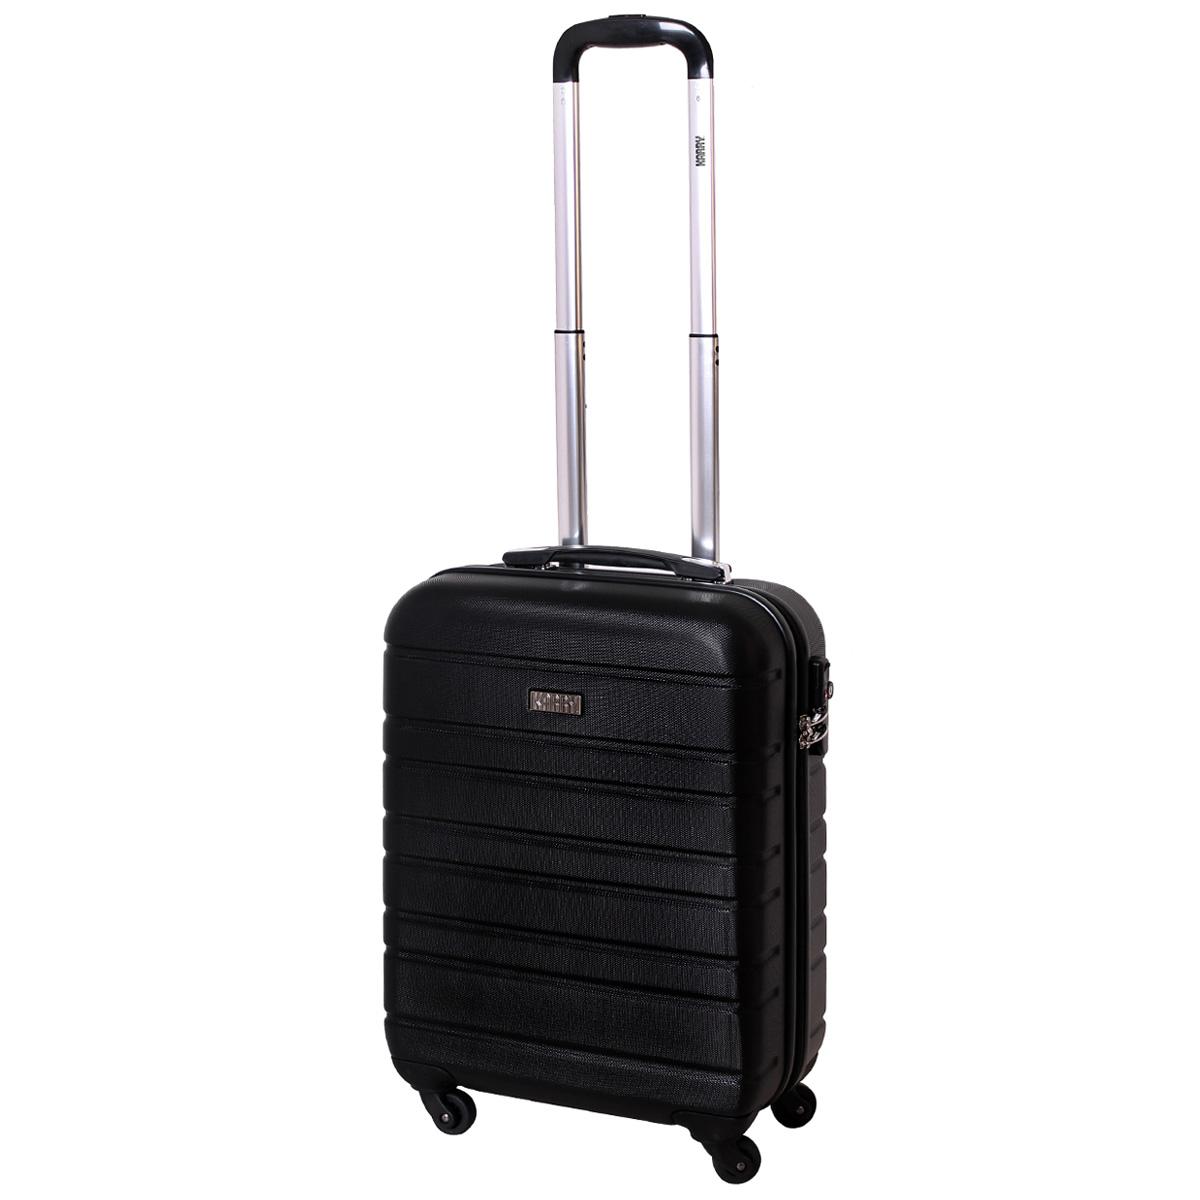 handgep ck hartschalen koffer tsa schloss trolley 30 liter schwarz 815 b ebay. Black Bedroom Furniture Sets. Home Design Ideas